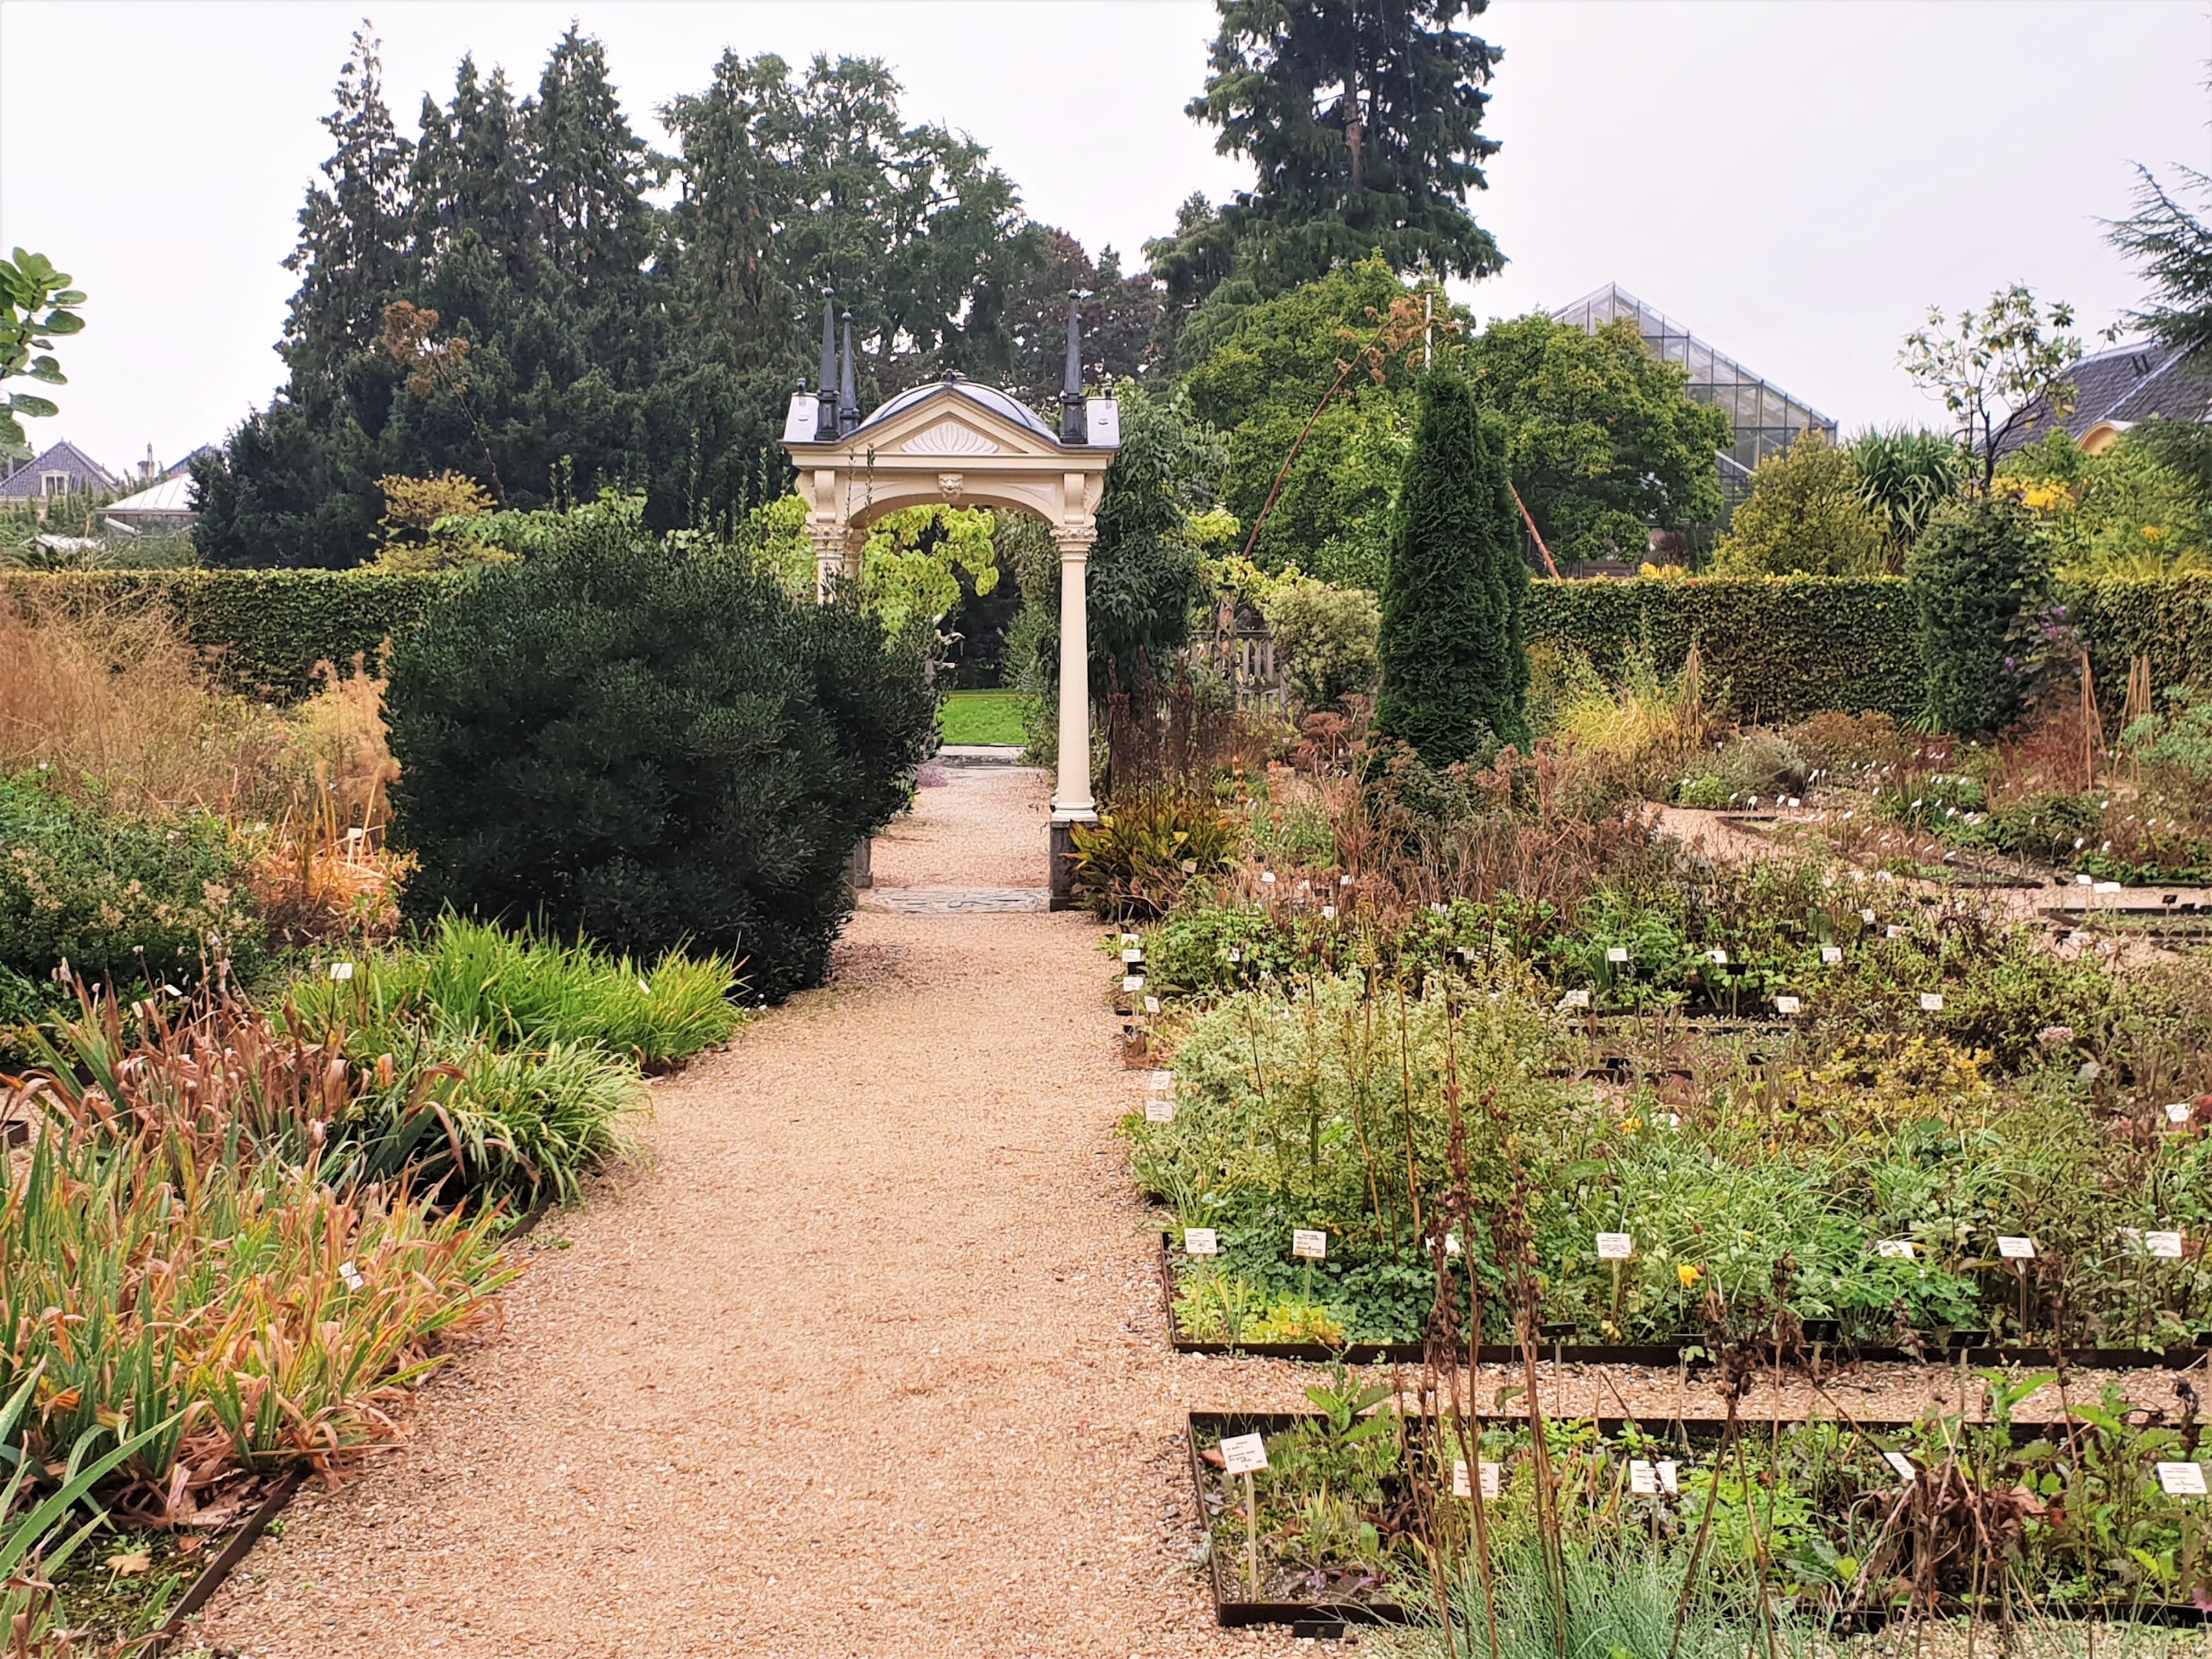 Clusius Garden, Hortus Botanicus, Leiden